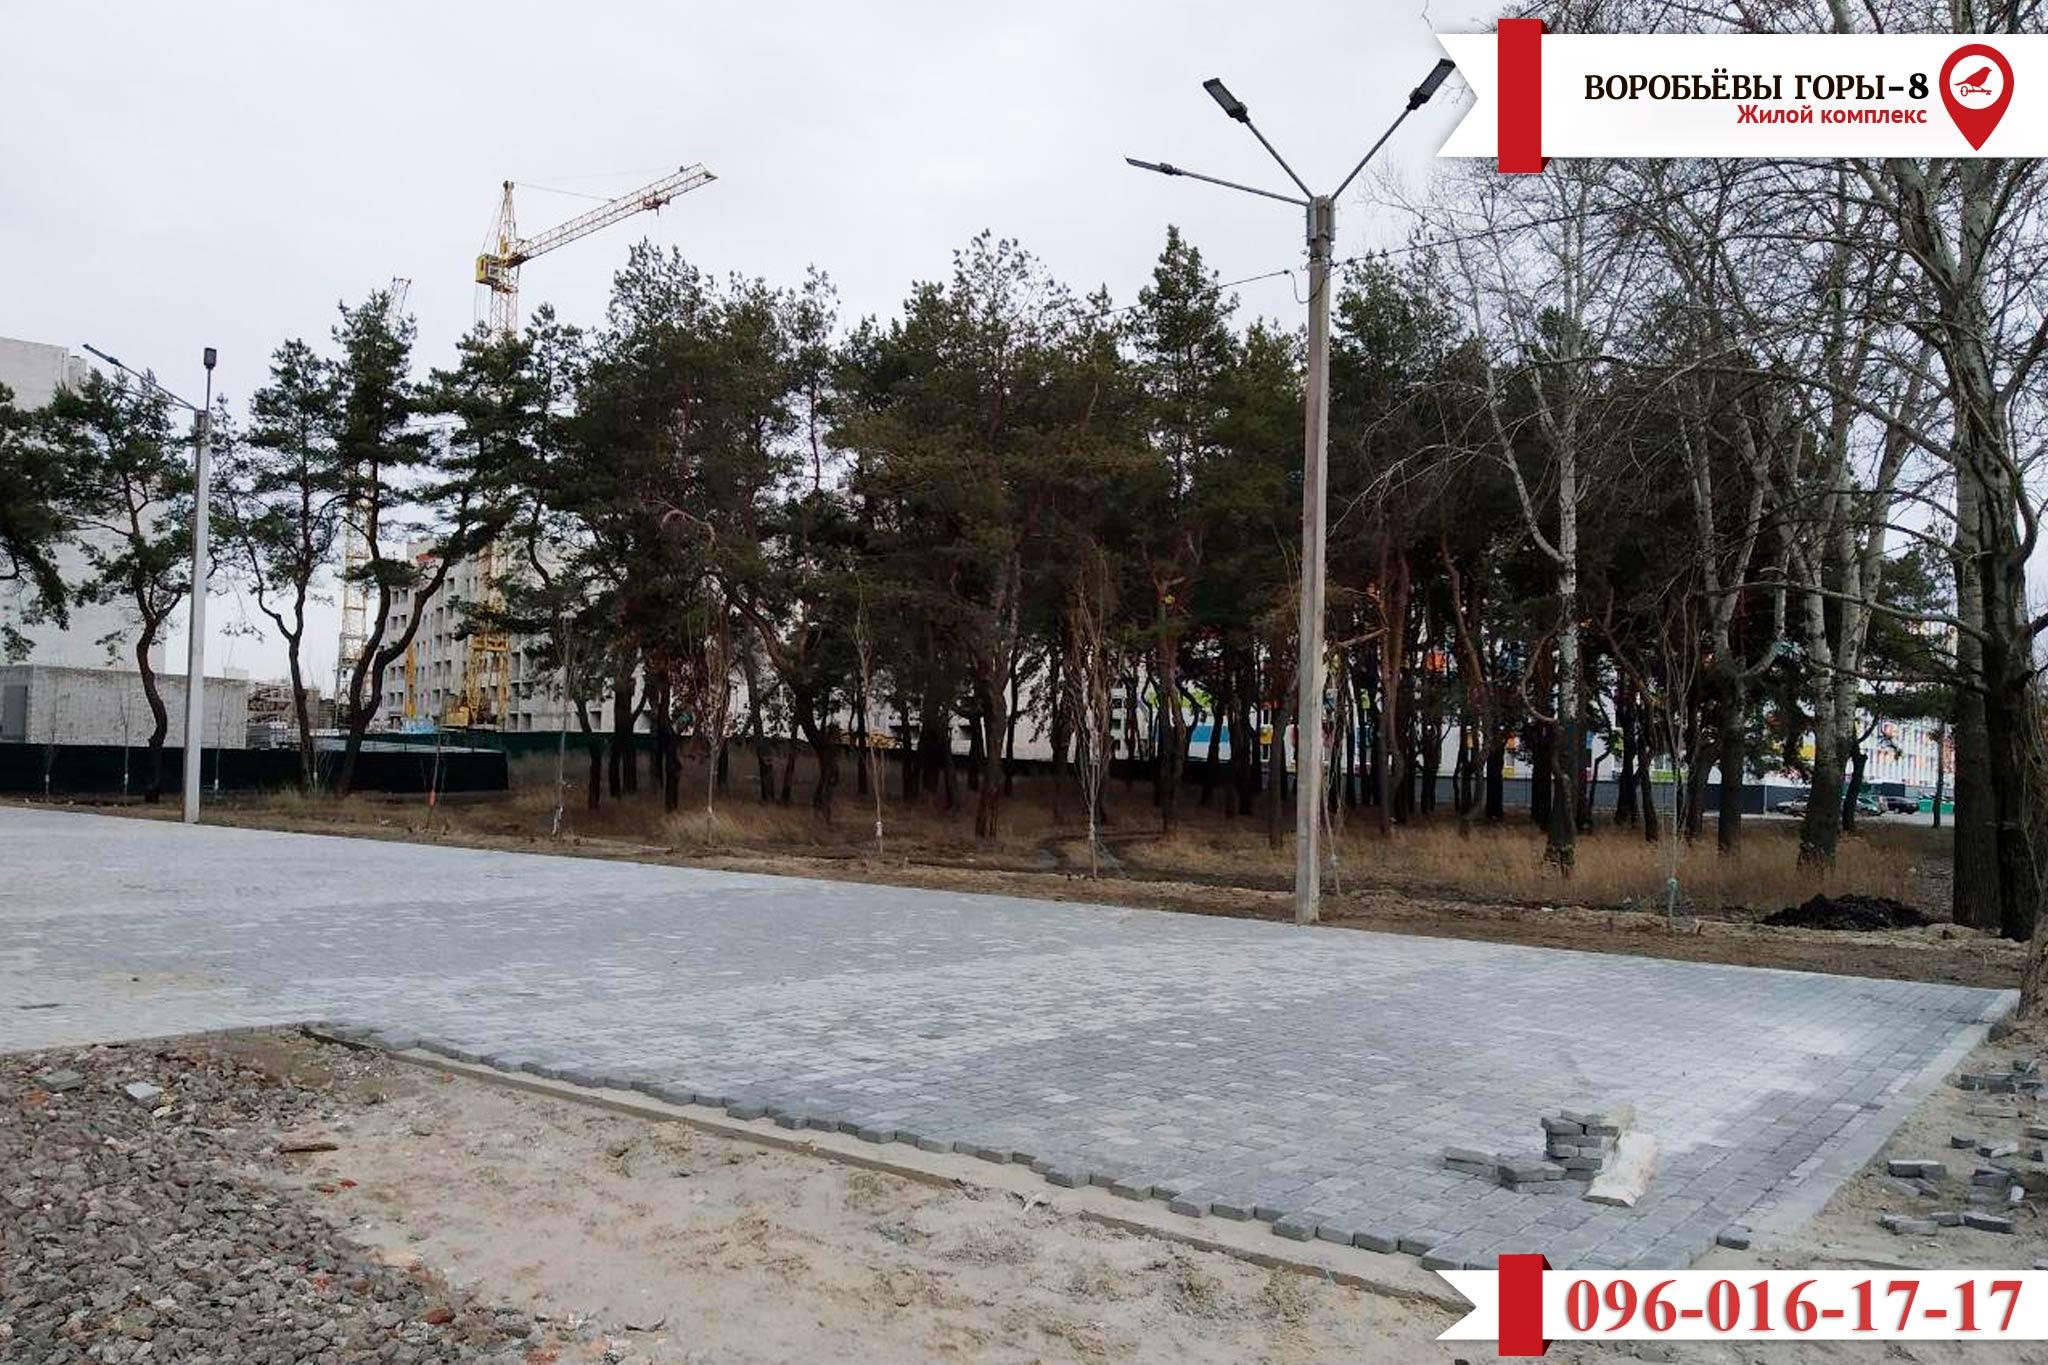 """Как проходит строительство ЖК """"Воробьевы горы-8""""?"""